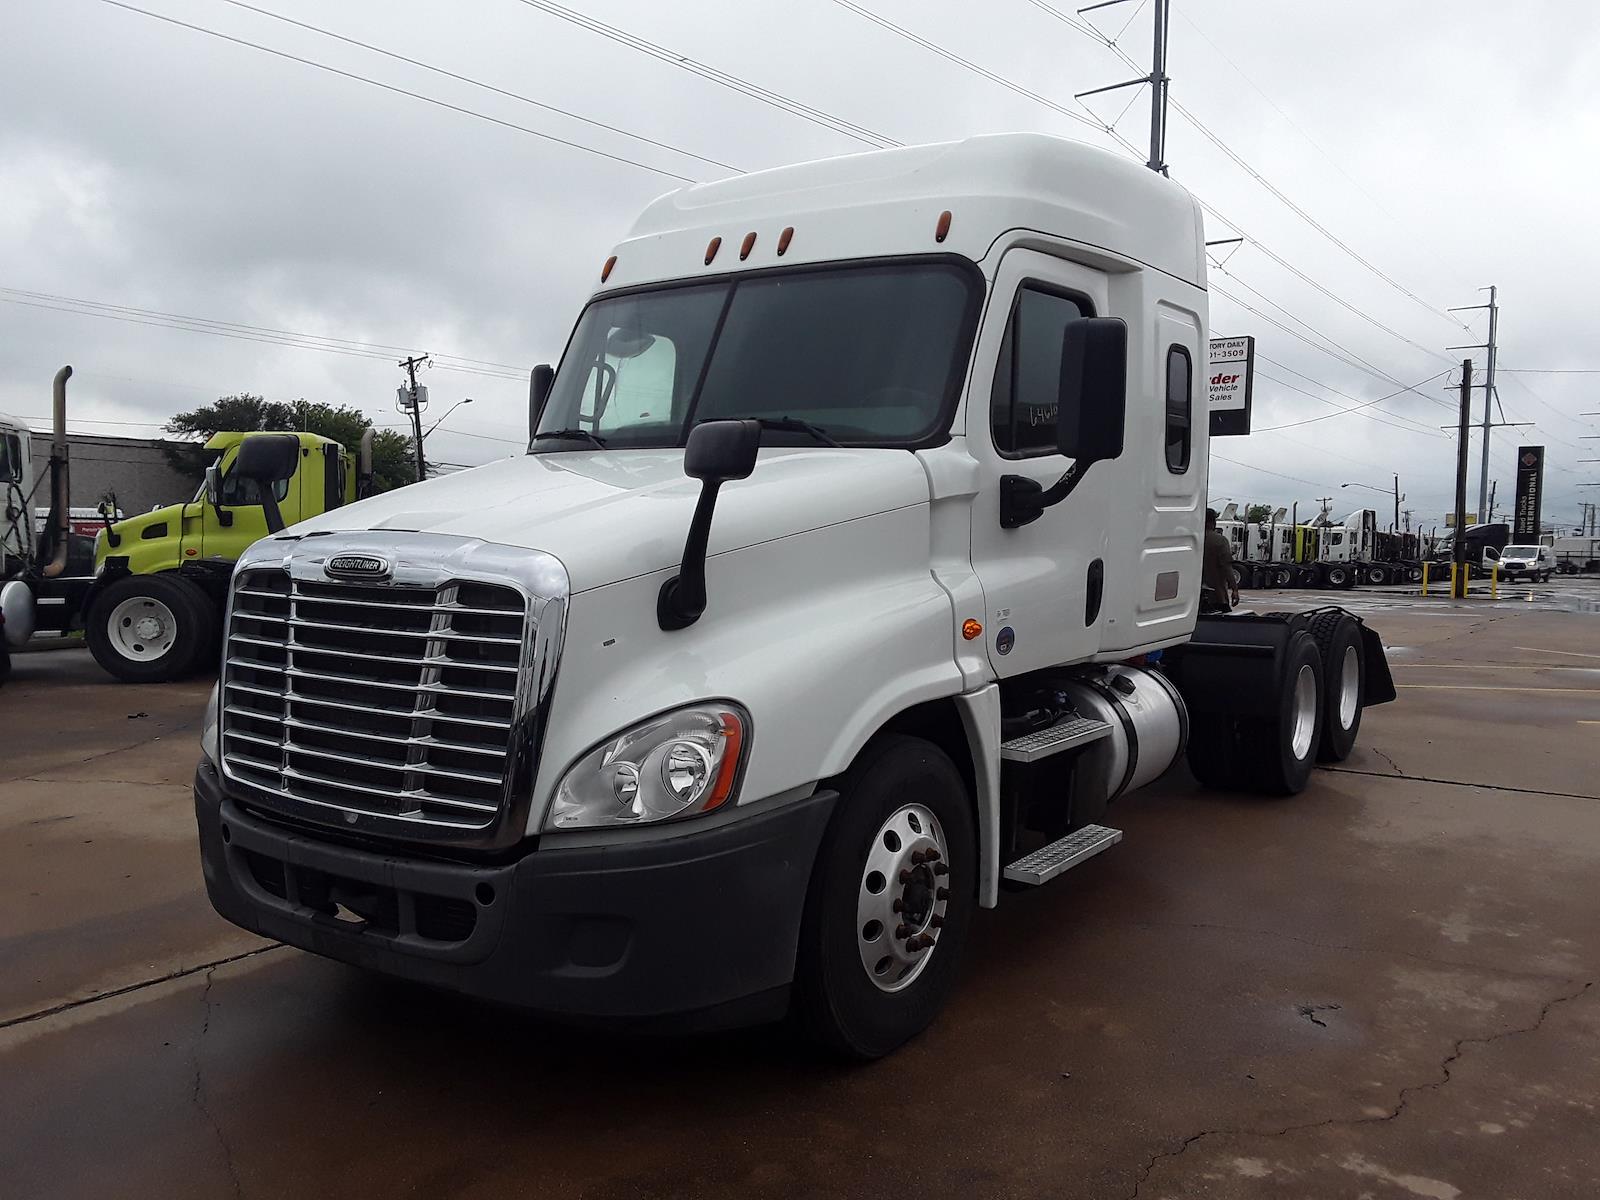 2016 Freightliner Truck, Tractor #646104 - photo 1